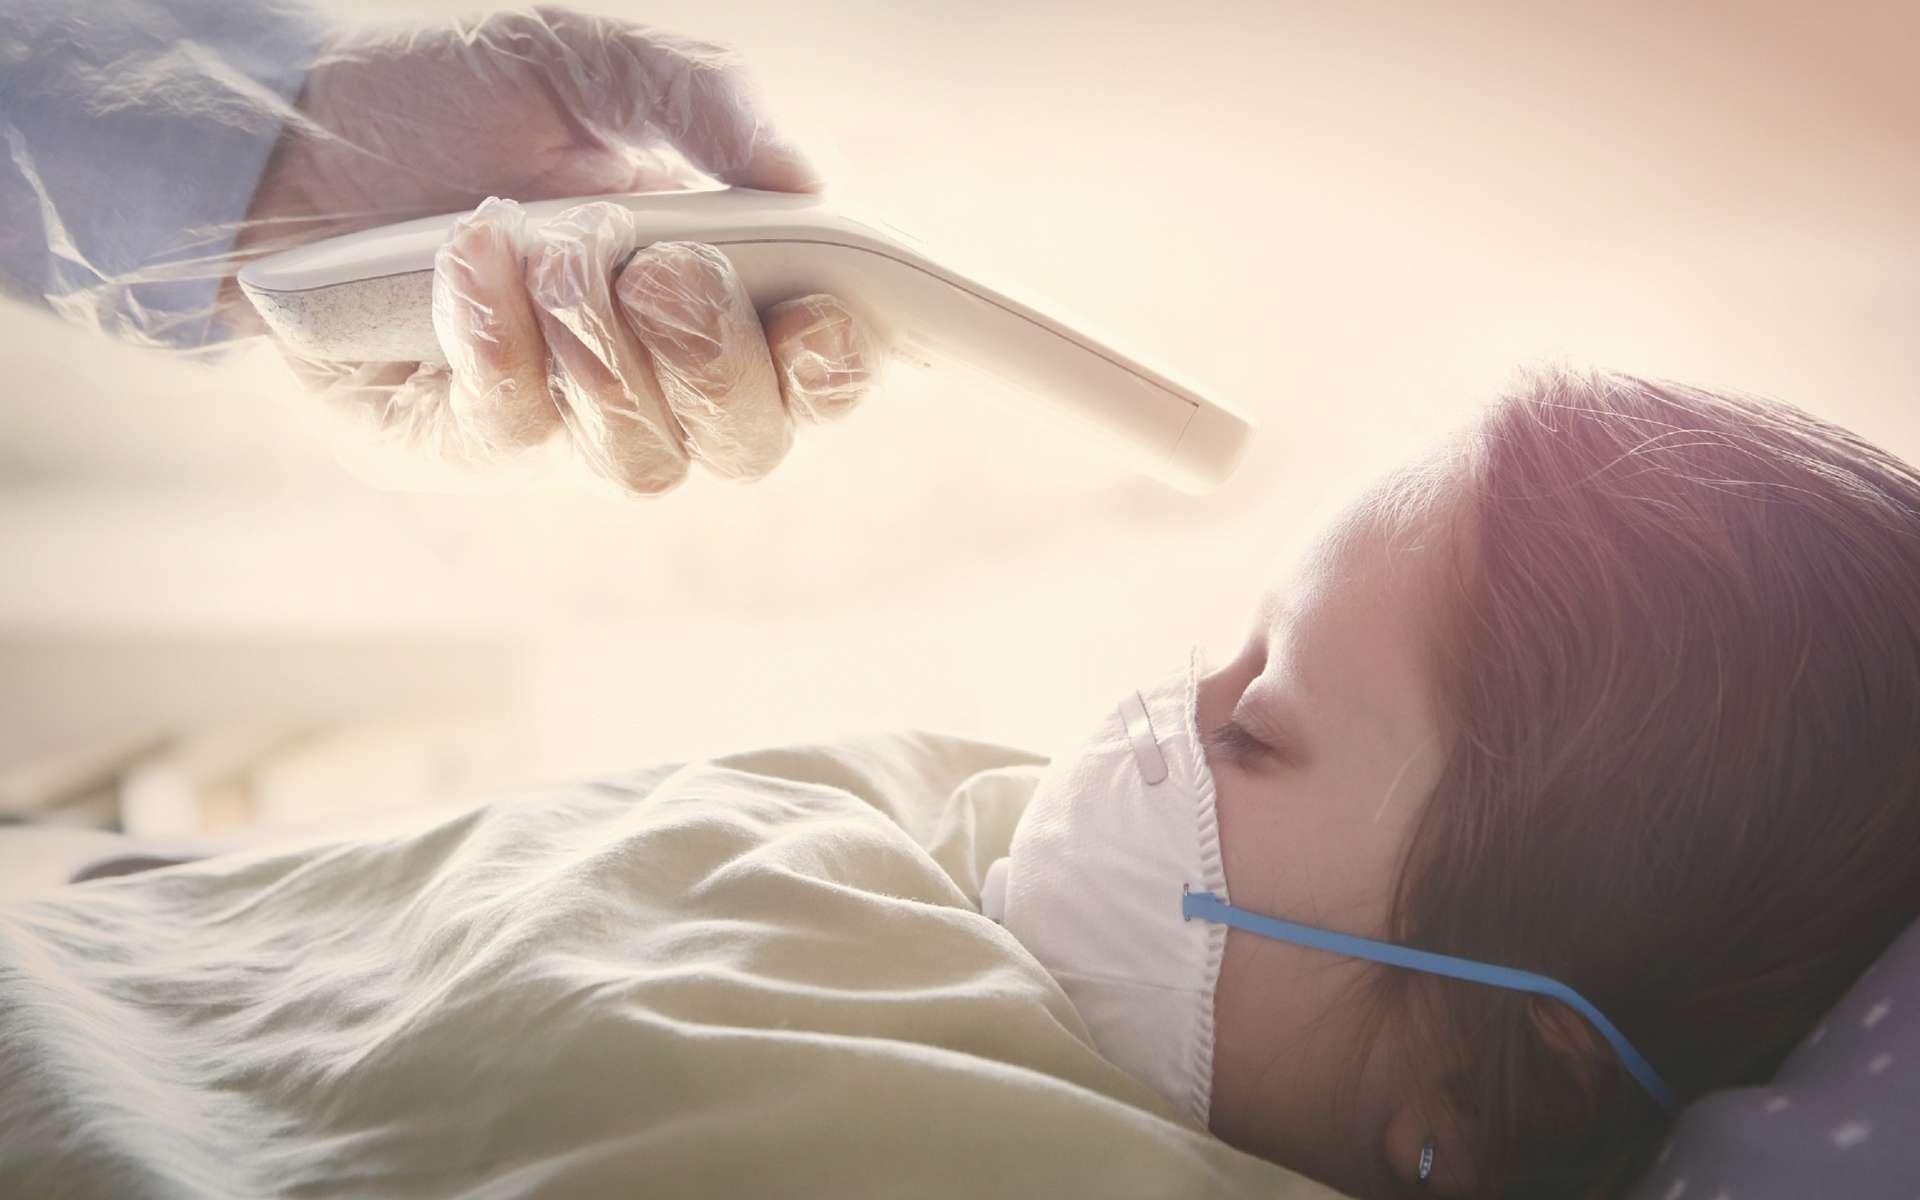 Est-ce une nouvelle maladie en lien avec le coronavirus ou bien une très rare connue sous le nom de maladie de Kawasaki, qui se trouve aggravée par la Covid-19 ? © Narvikk, Istock.com